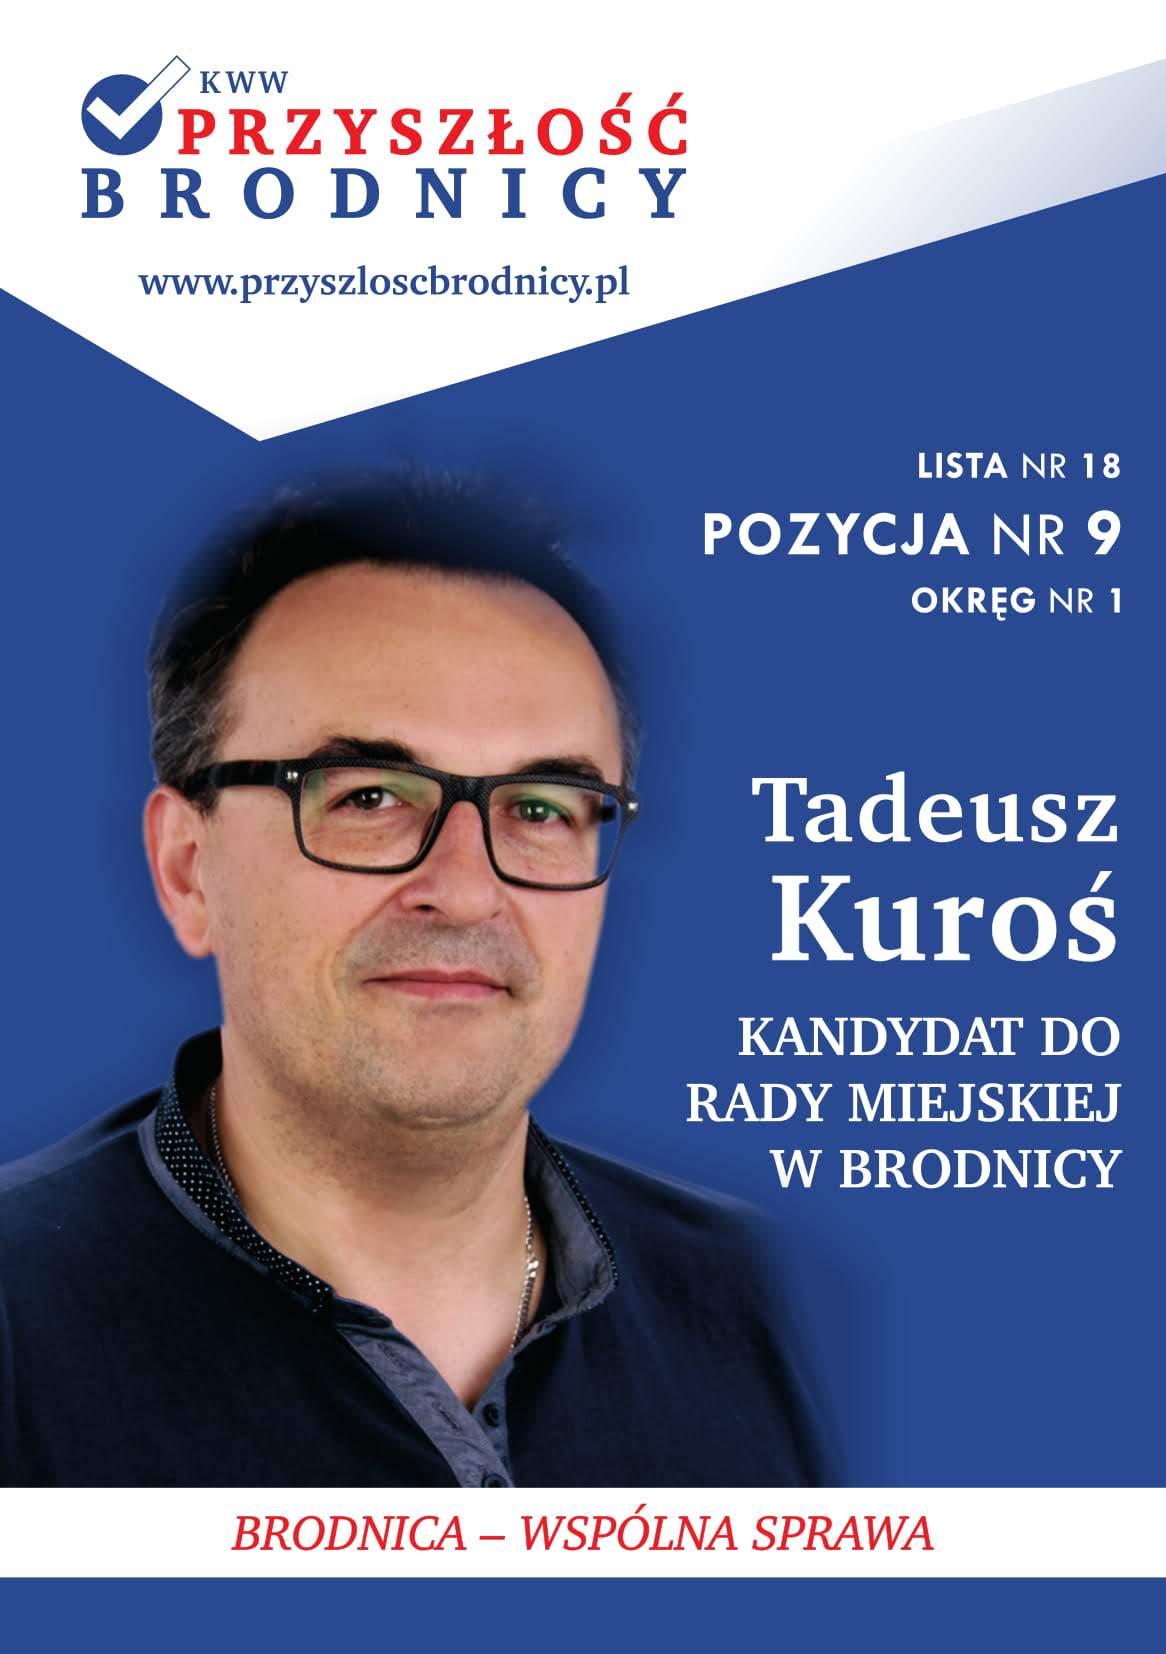 Tadeusz Kuroś